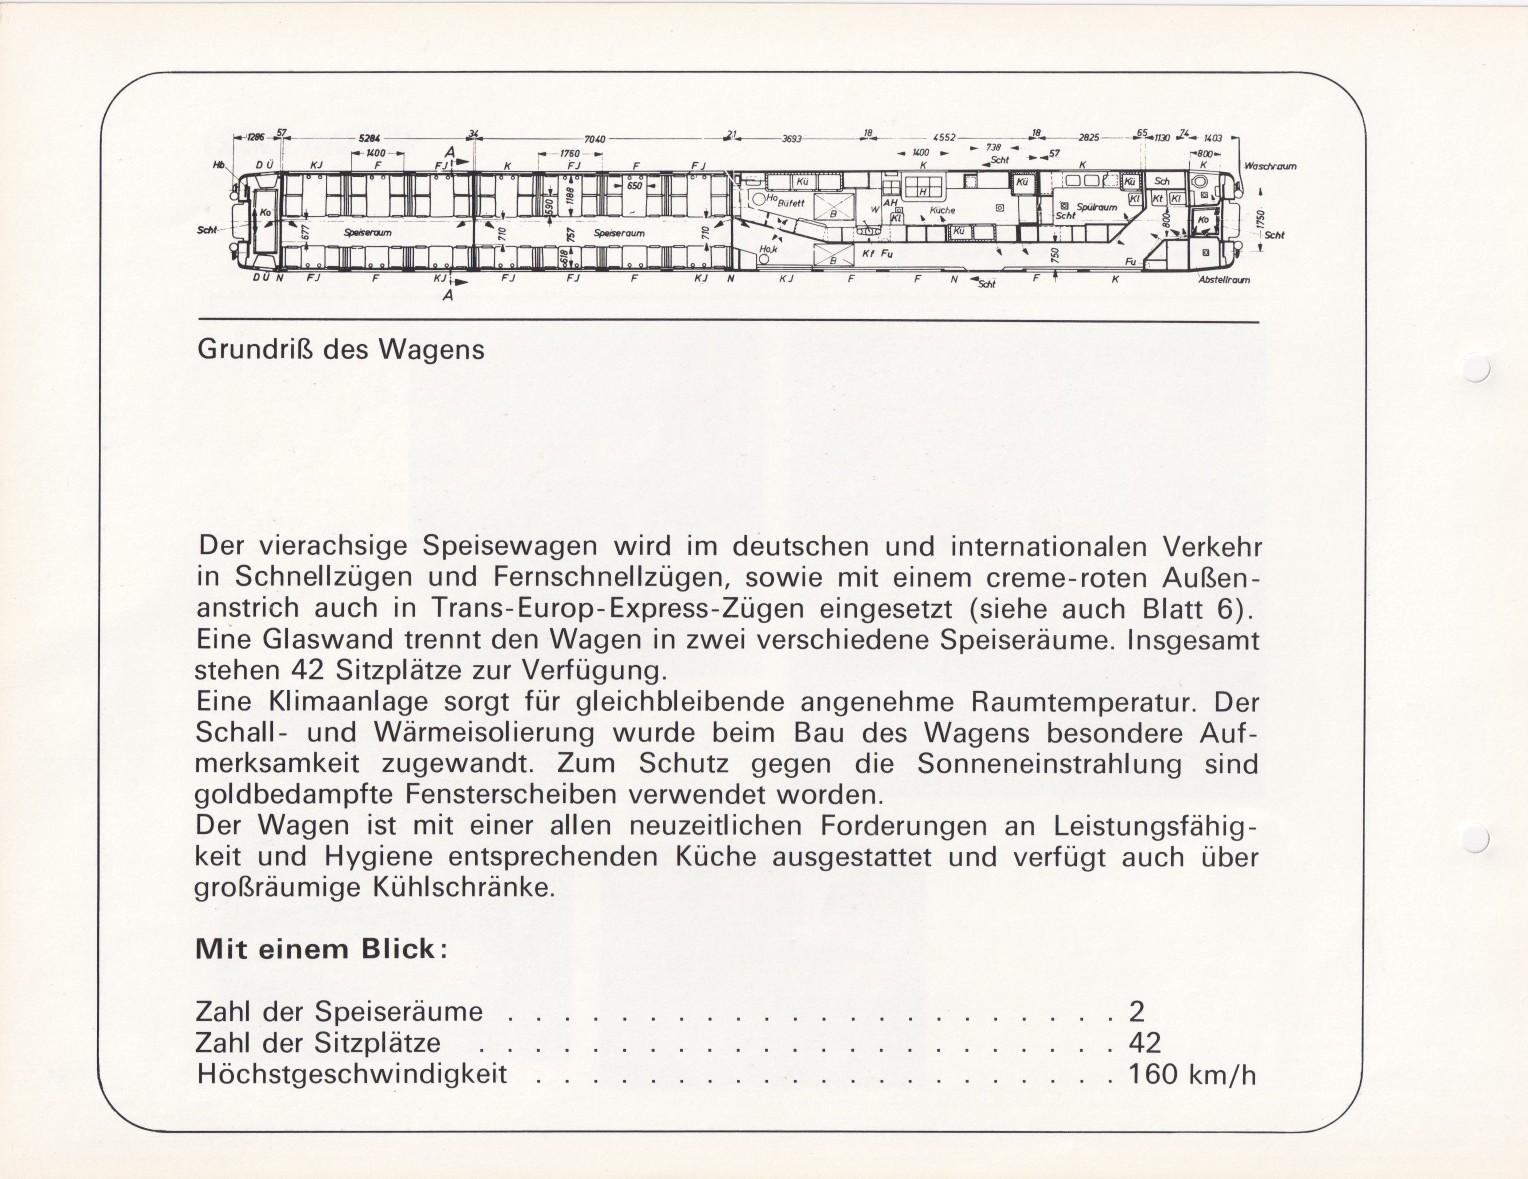 https://www.nullclub.de/hifo/Fahrzeuglexikon/Wagen31b.jpg